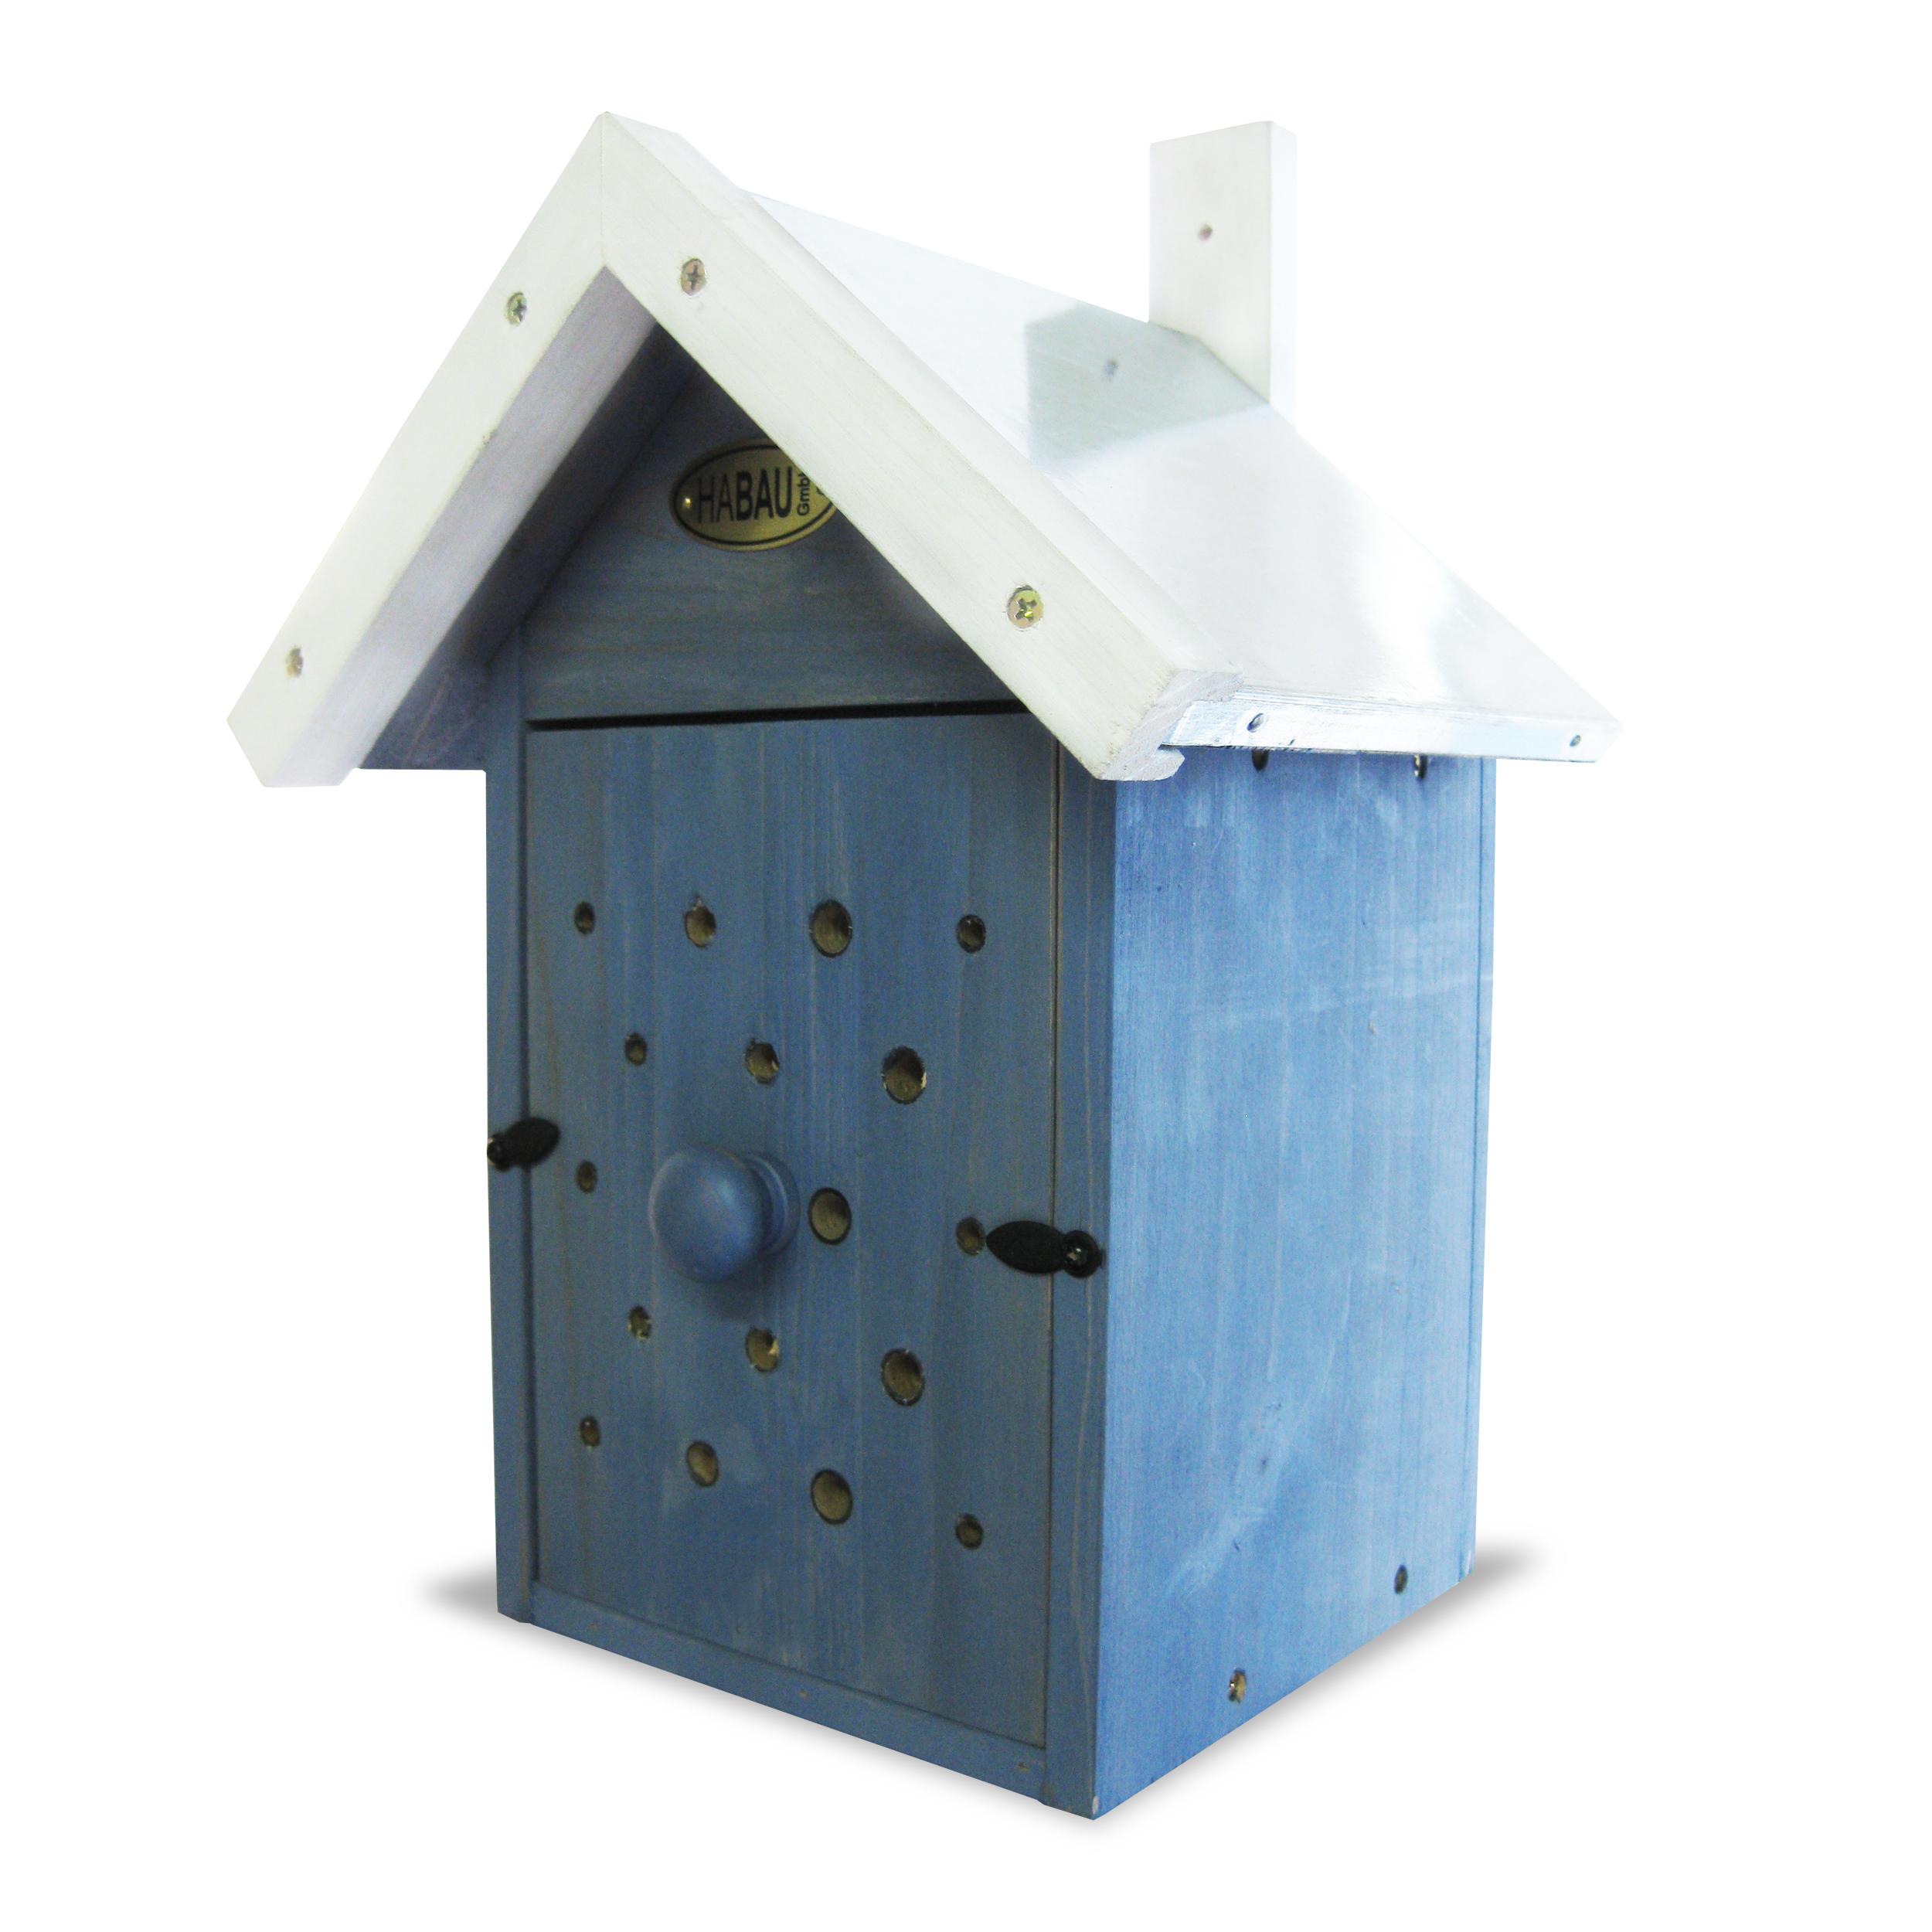 HABAU Beobachtungskasten für Wildbienen - 3016